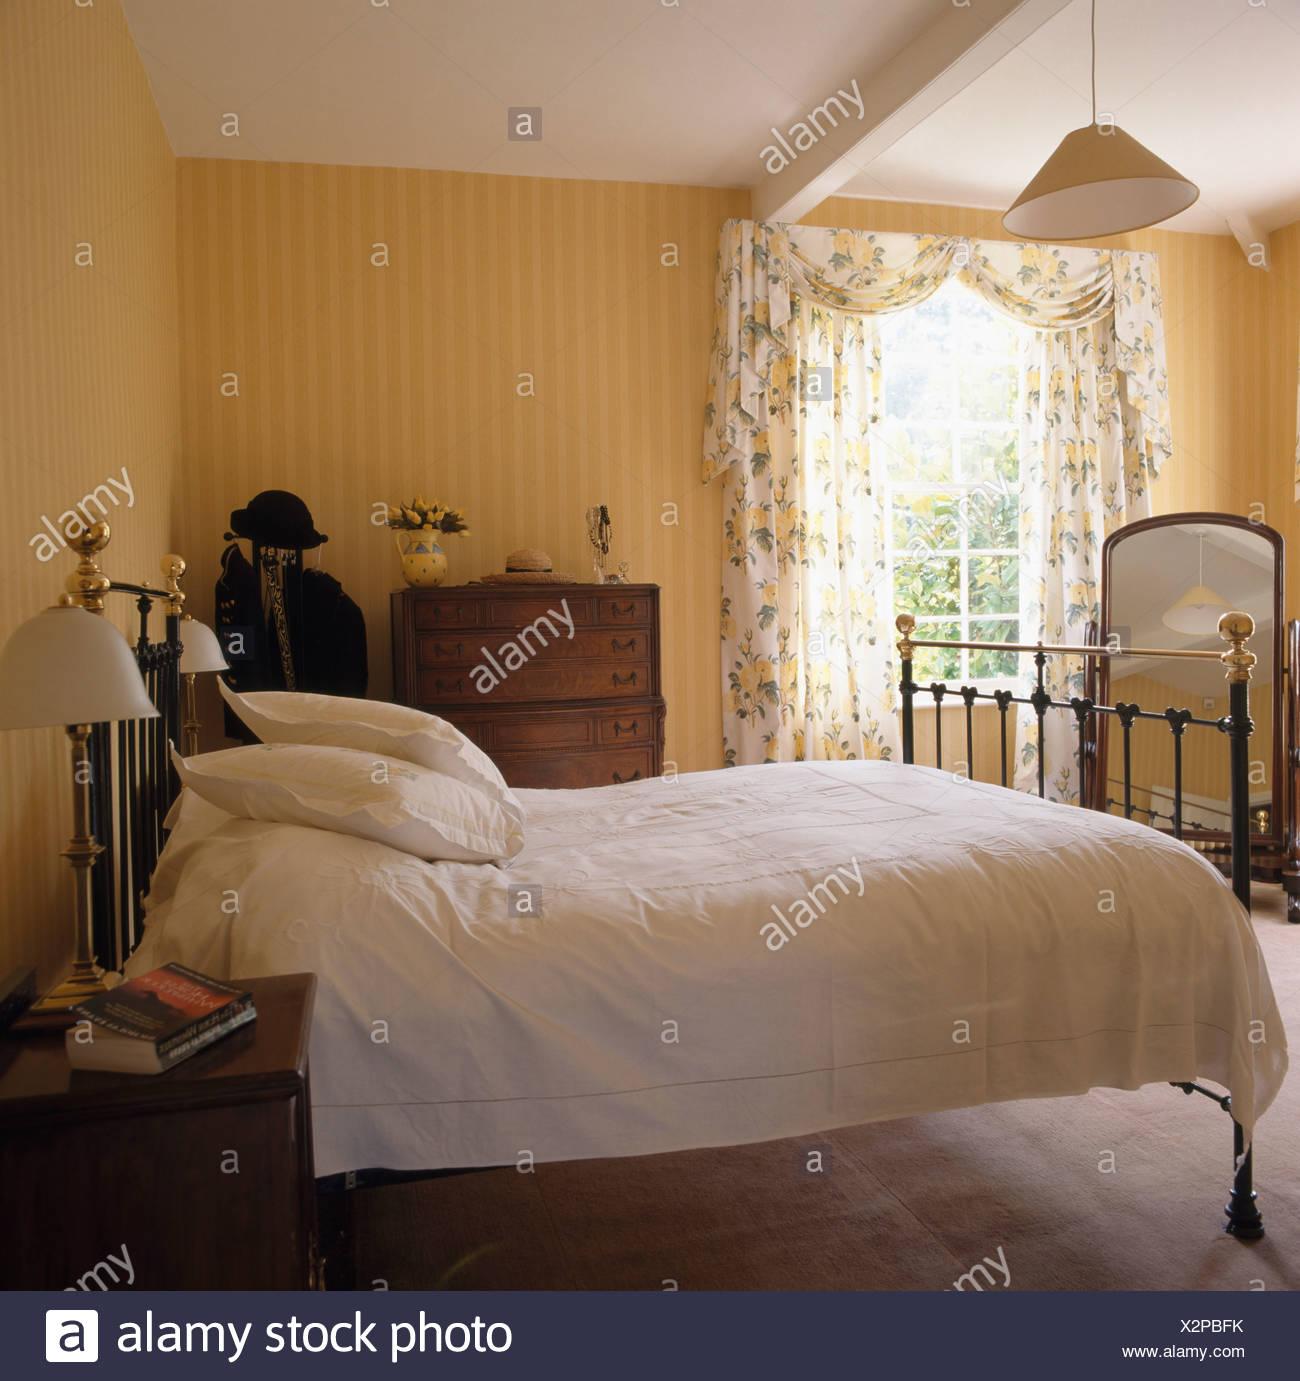 Interiors bedroom yellow wallpaper immagini interiors bedroom yellow wallpaper fotos stock alamy - Letto in ottone rovinato ...